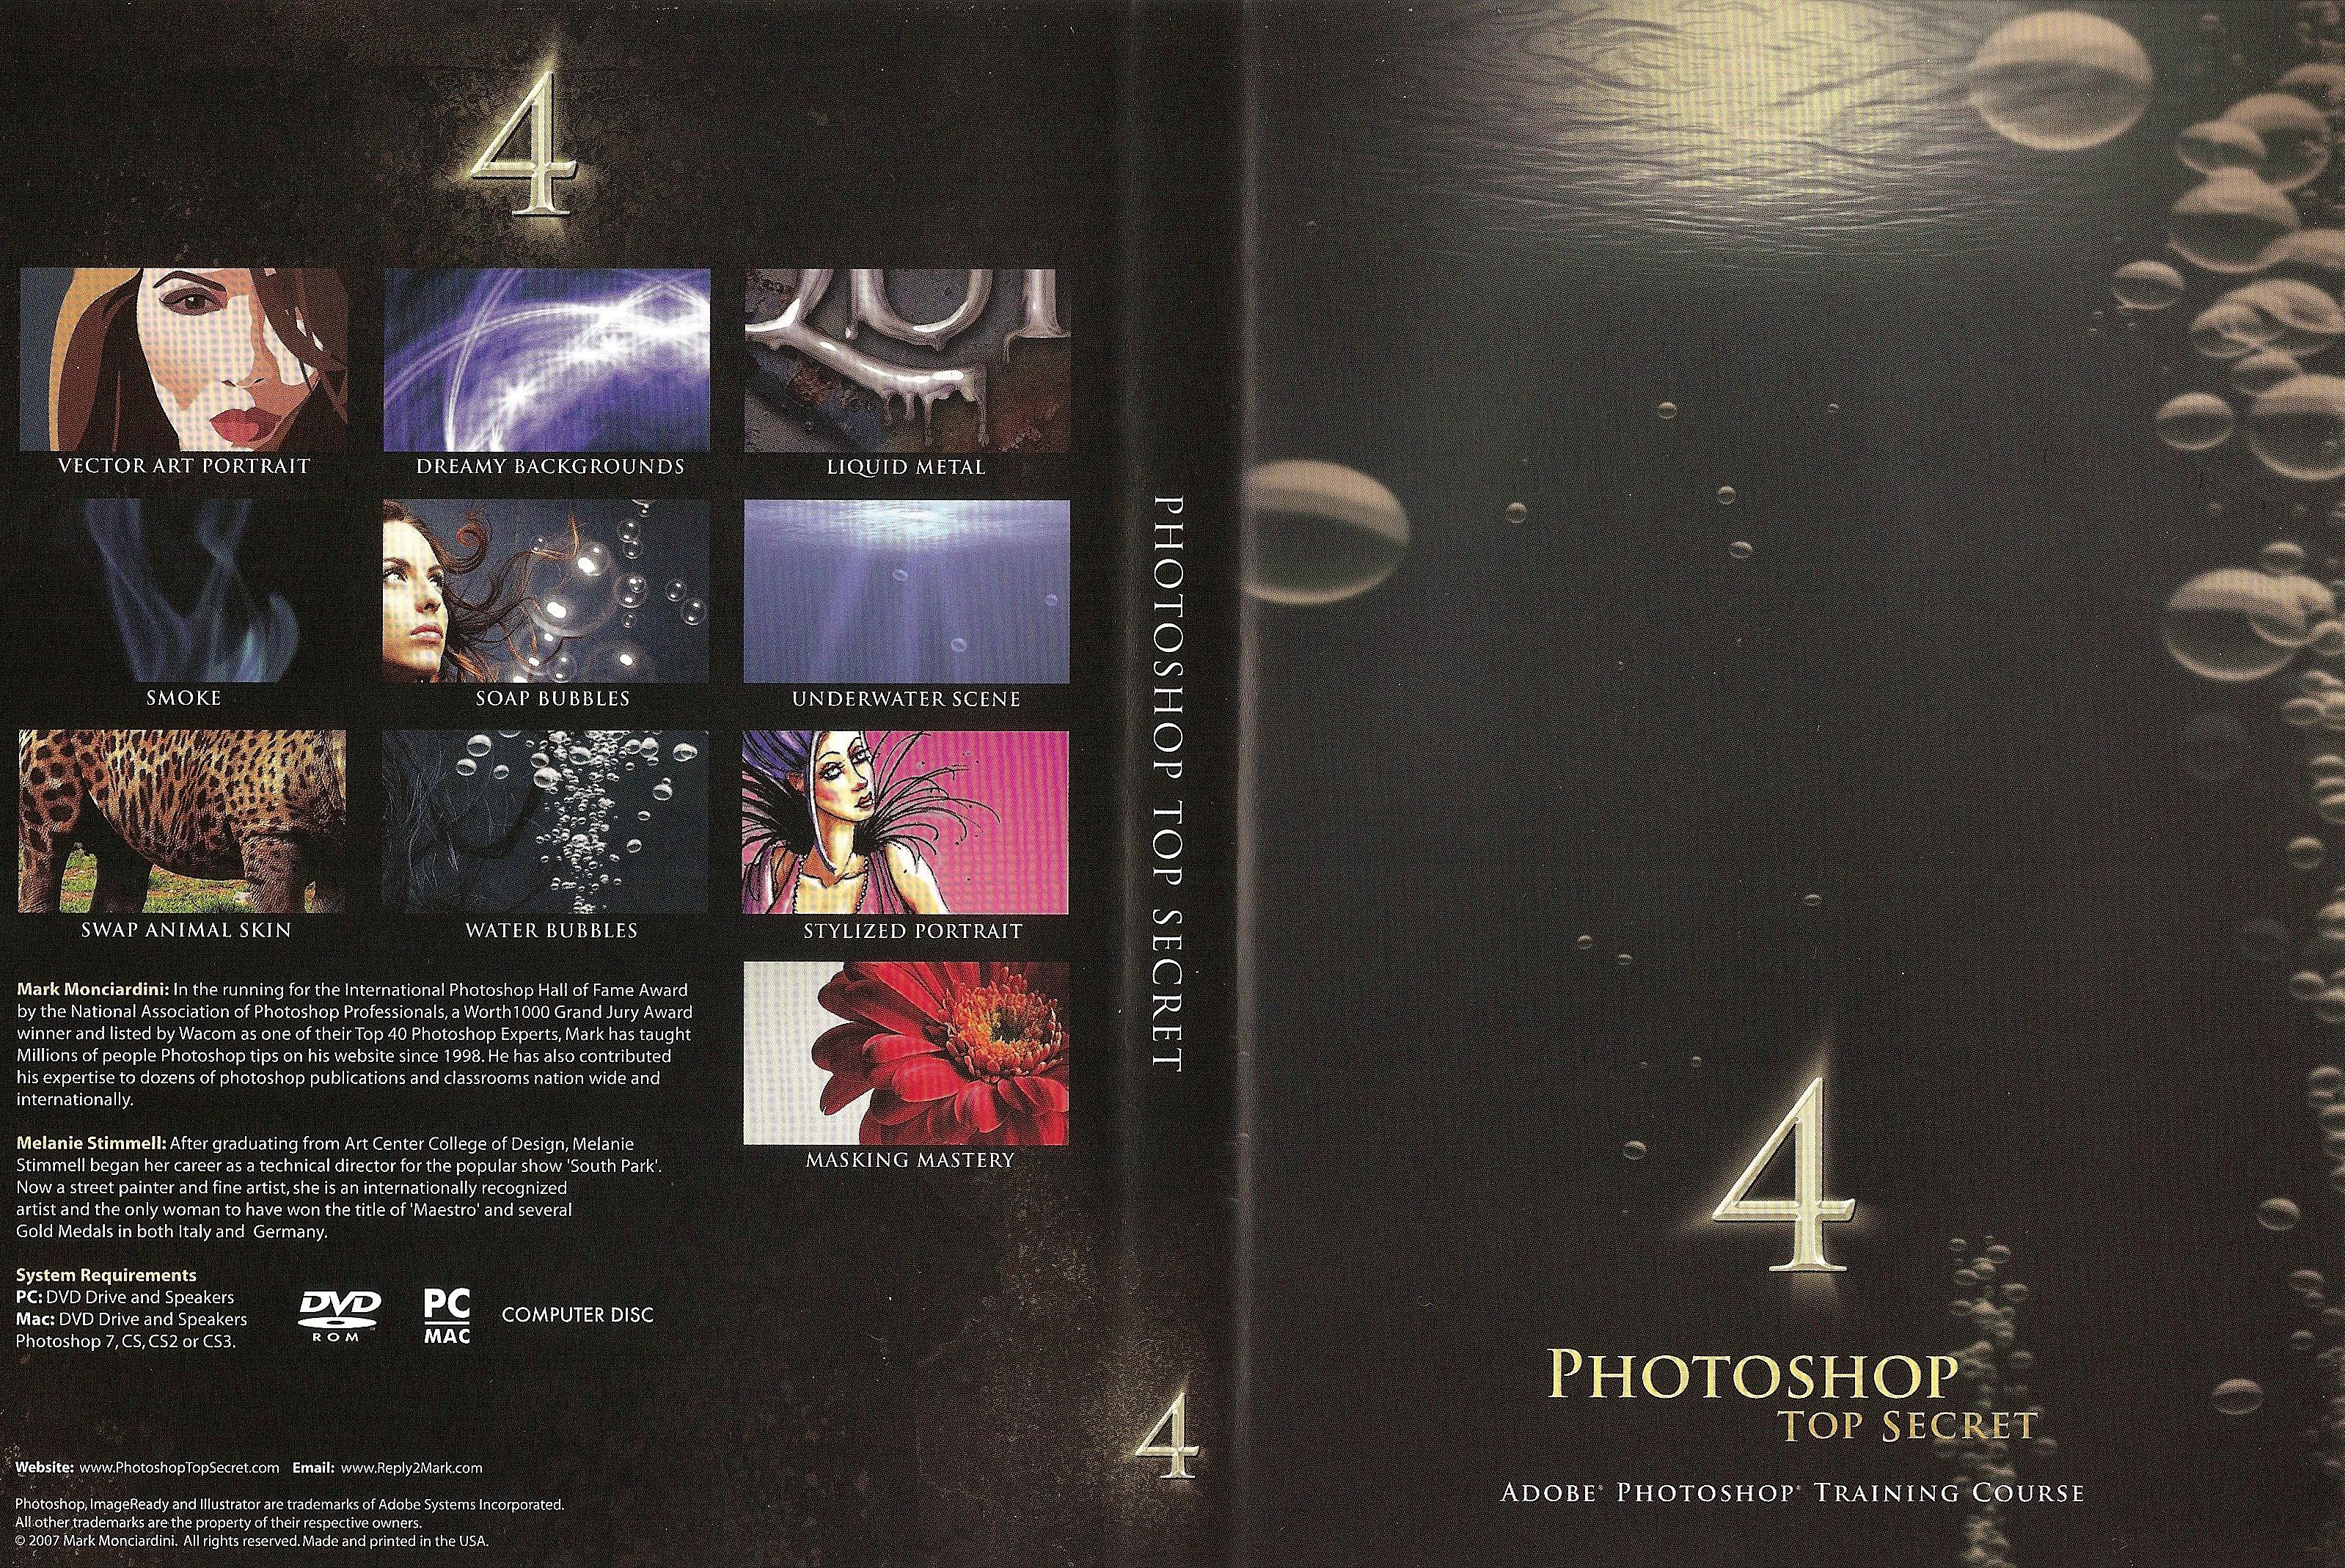 photoshop top secret_DVD4_Cover